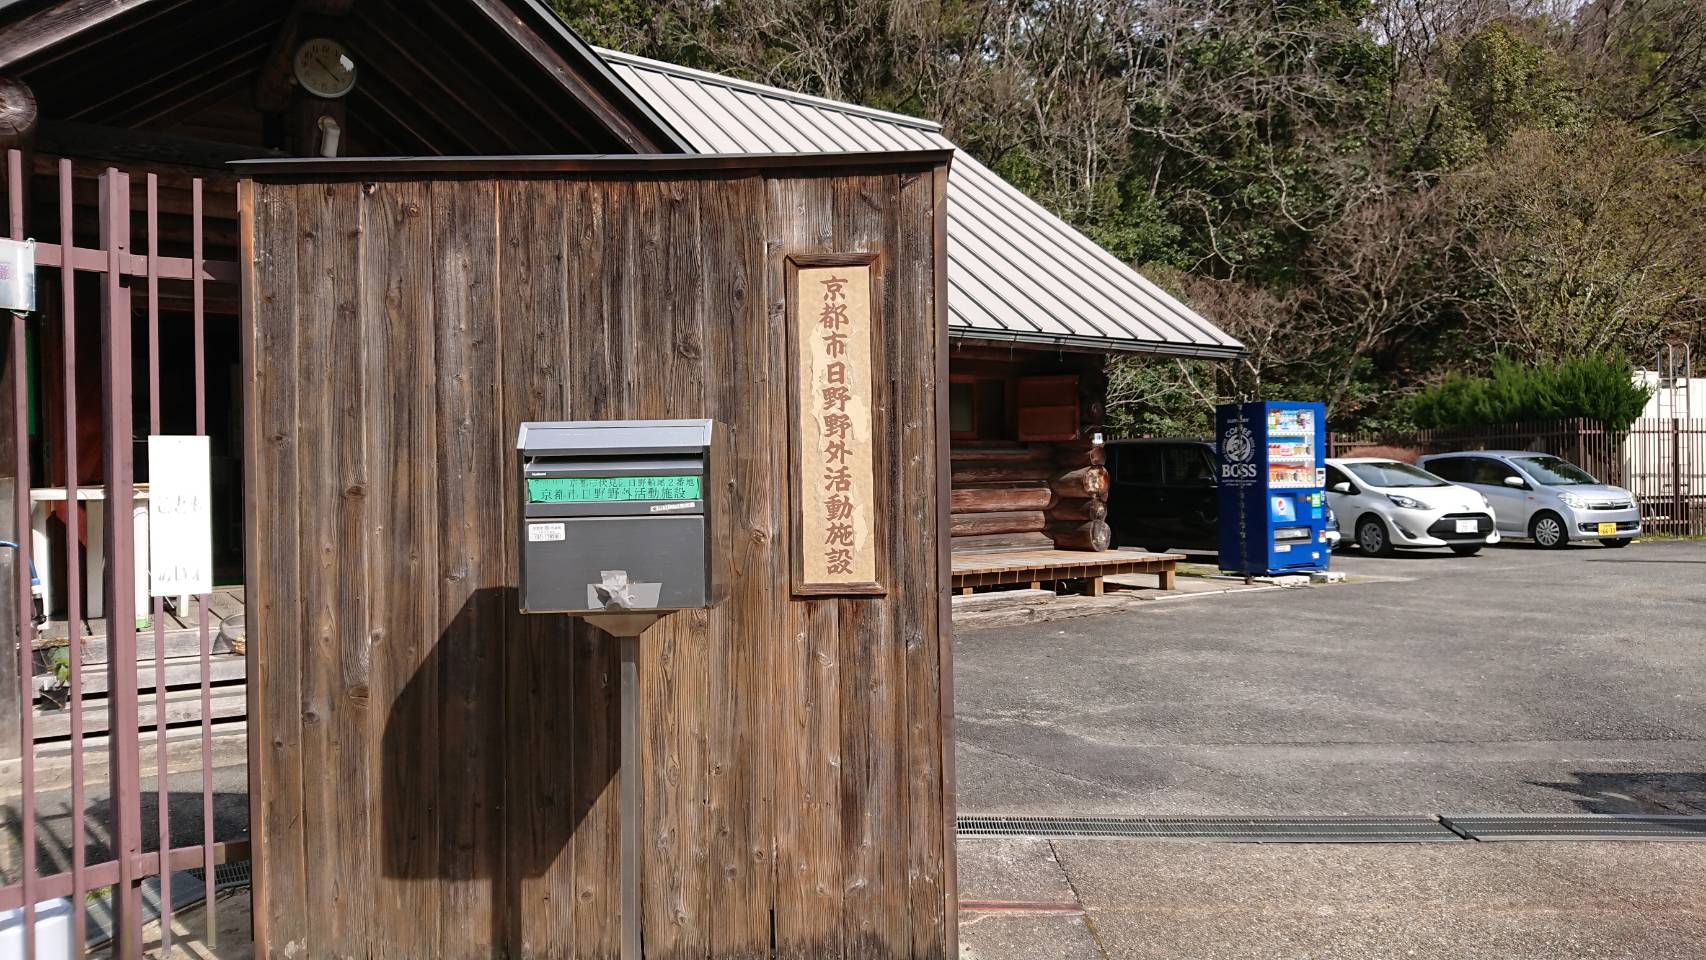 【枚方店】京都市日野野外活動施設 (京都市伏見区)